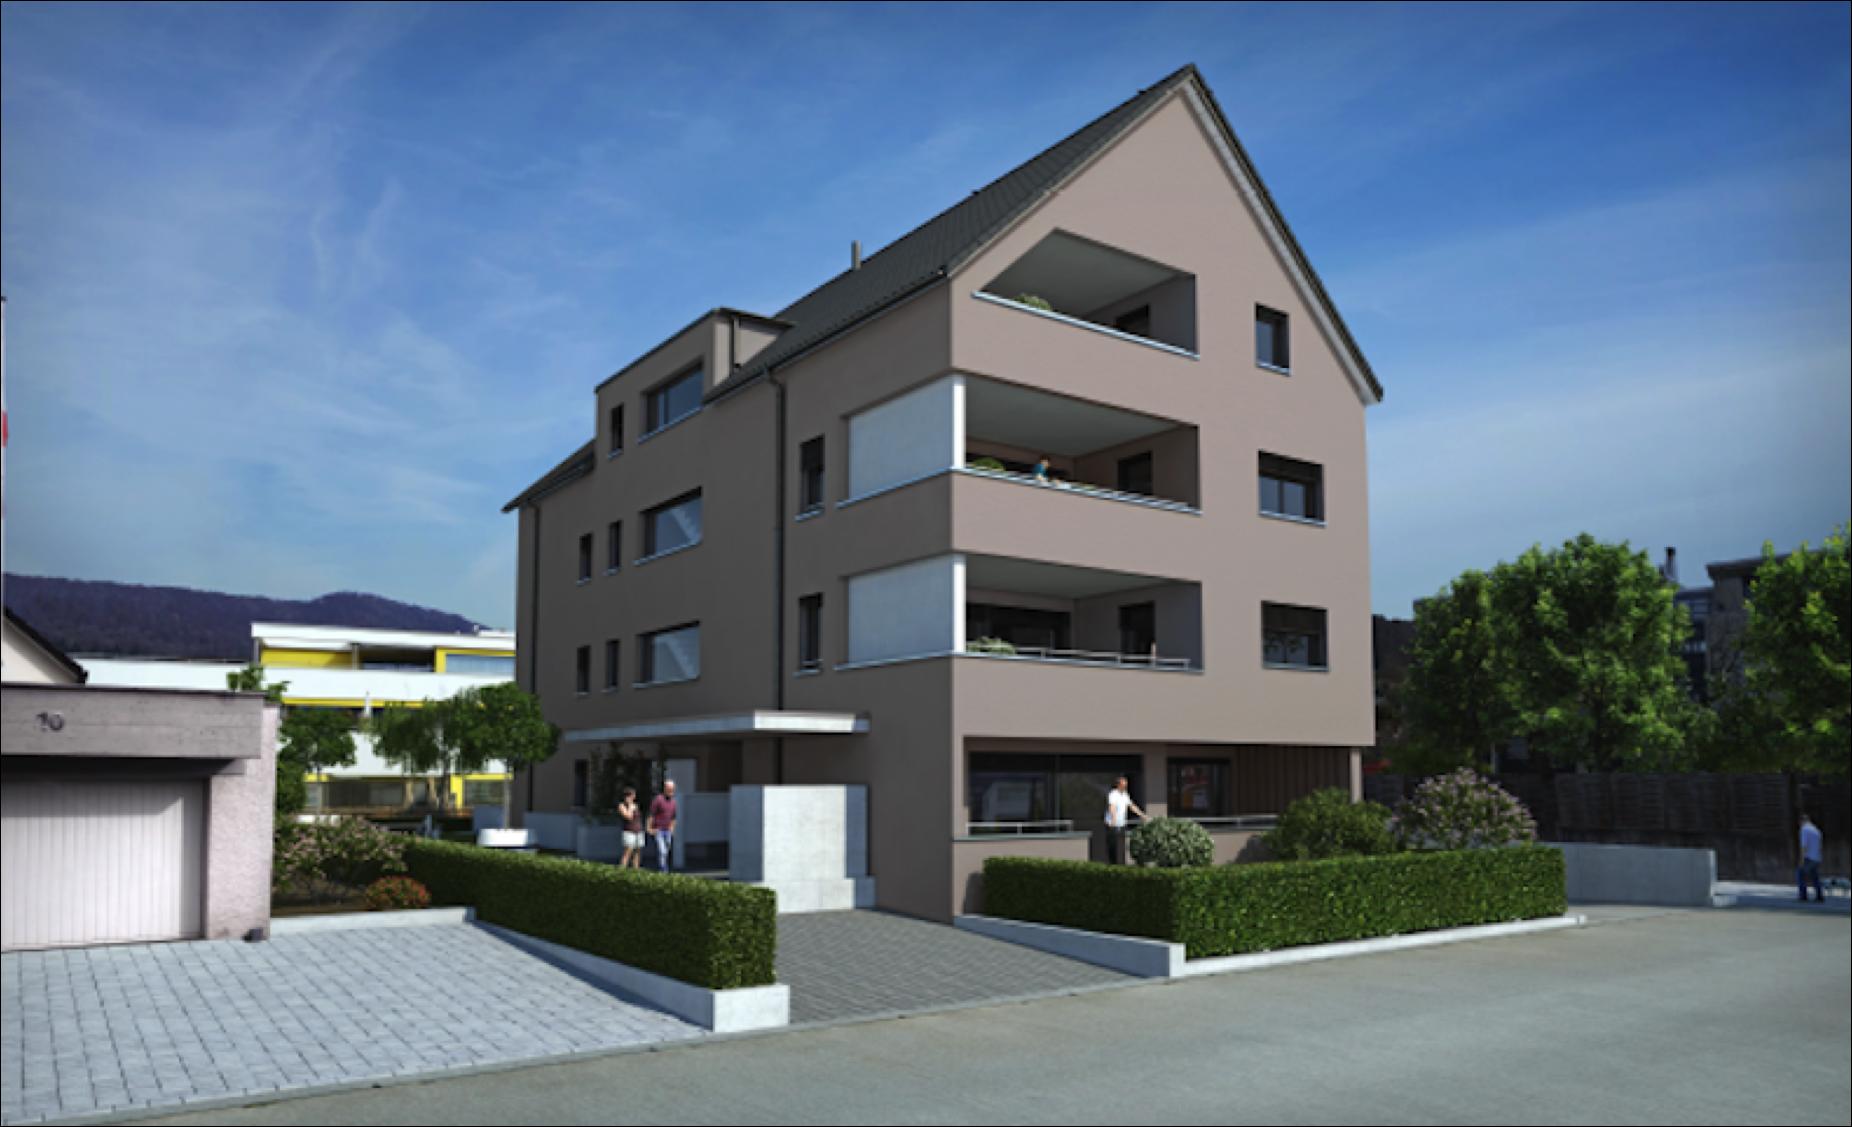 4-Wohnungen-Wettigen_Projekt_goZmart